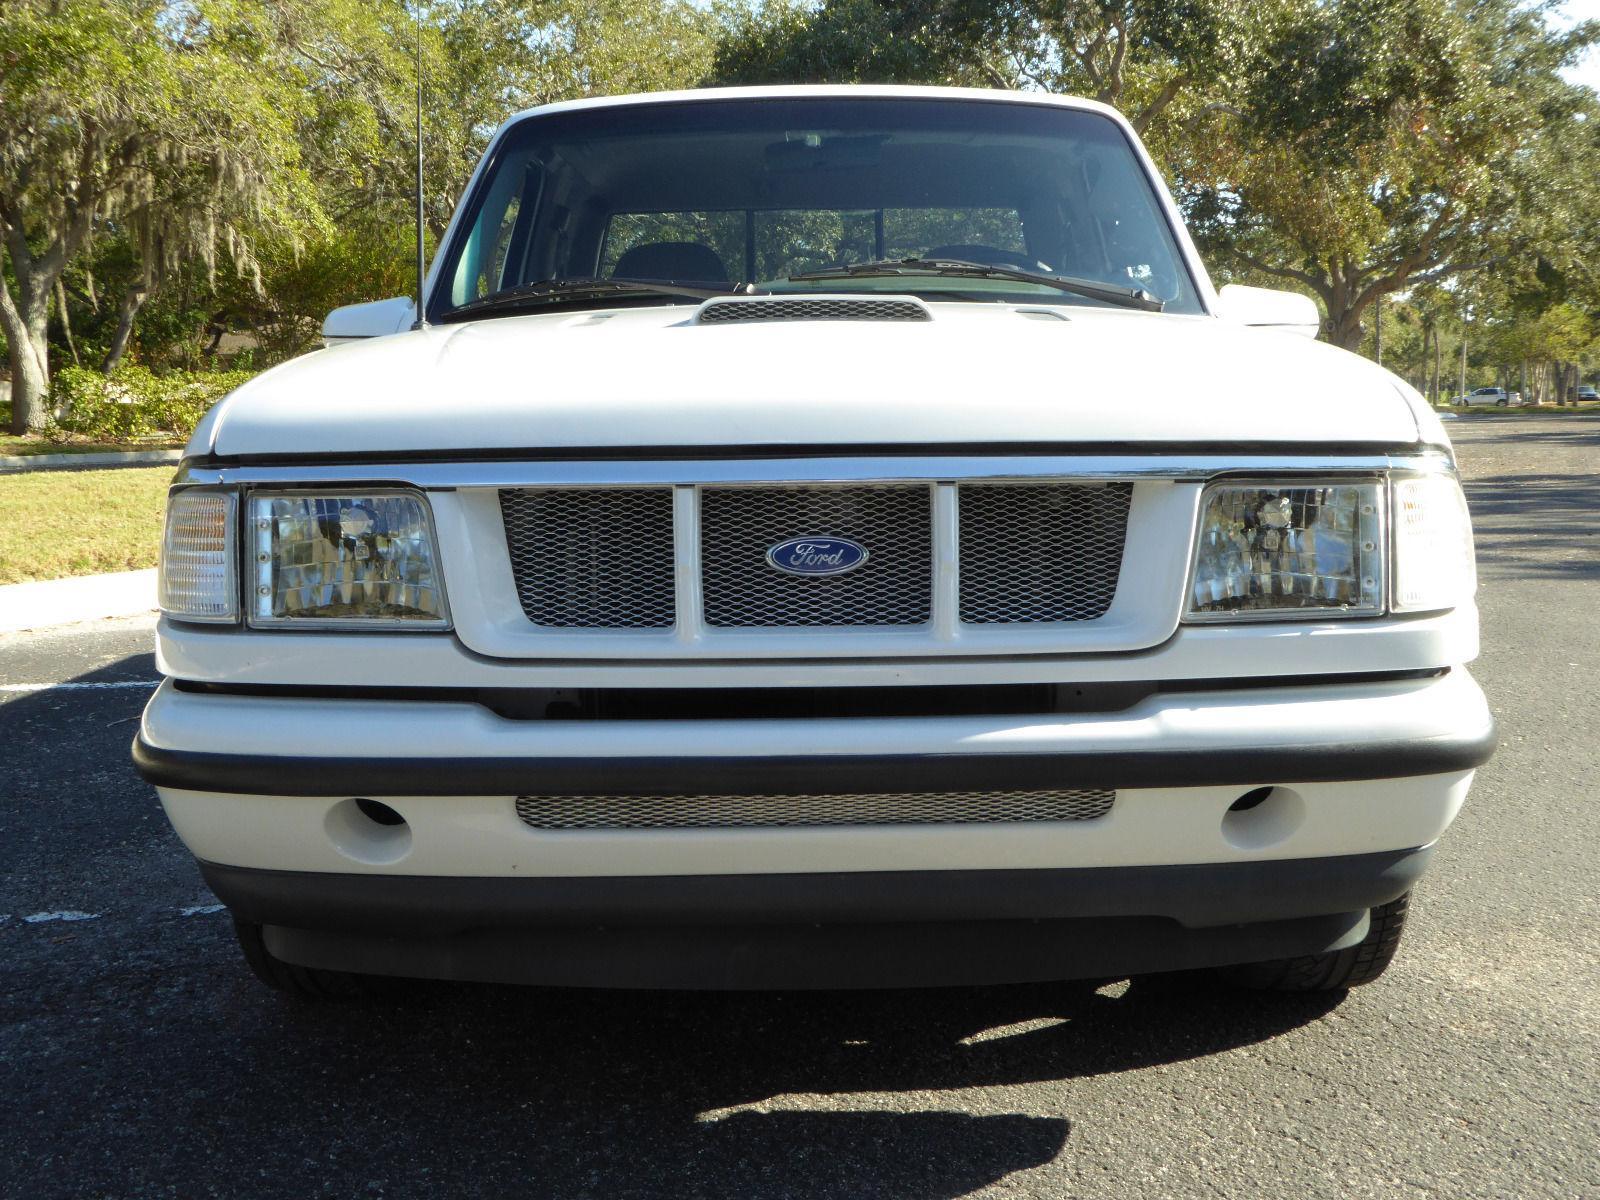 Completely Restored Ford Ranger Xl Custom For Sale on 1994 Ford F 150 Lightning Custom